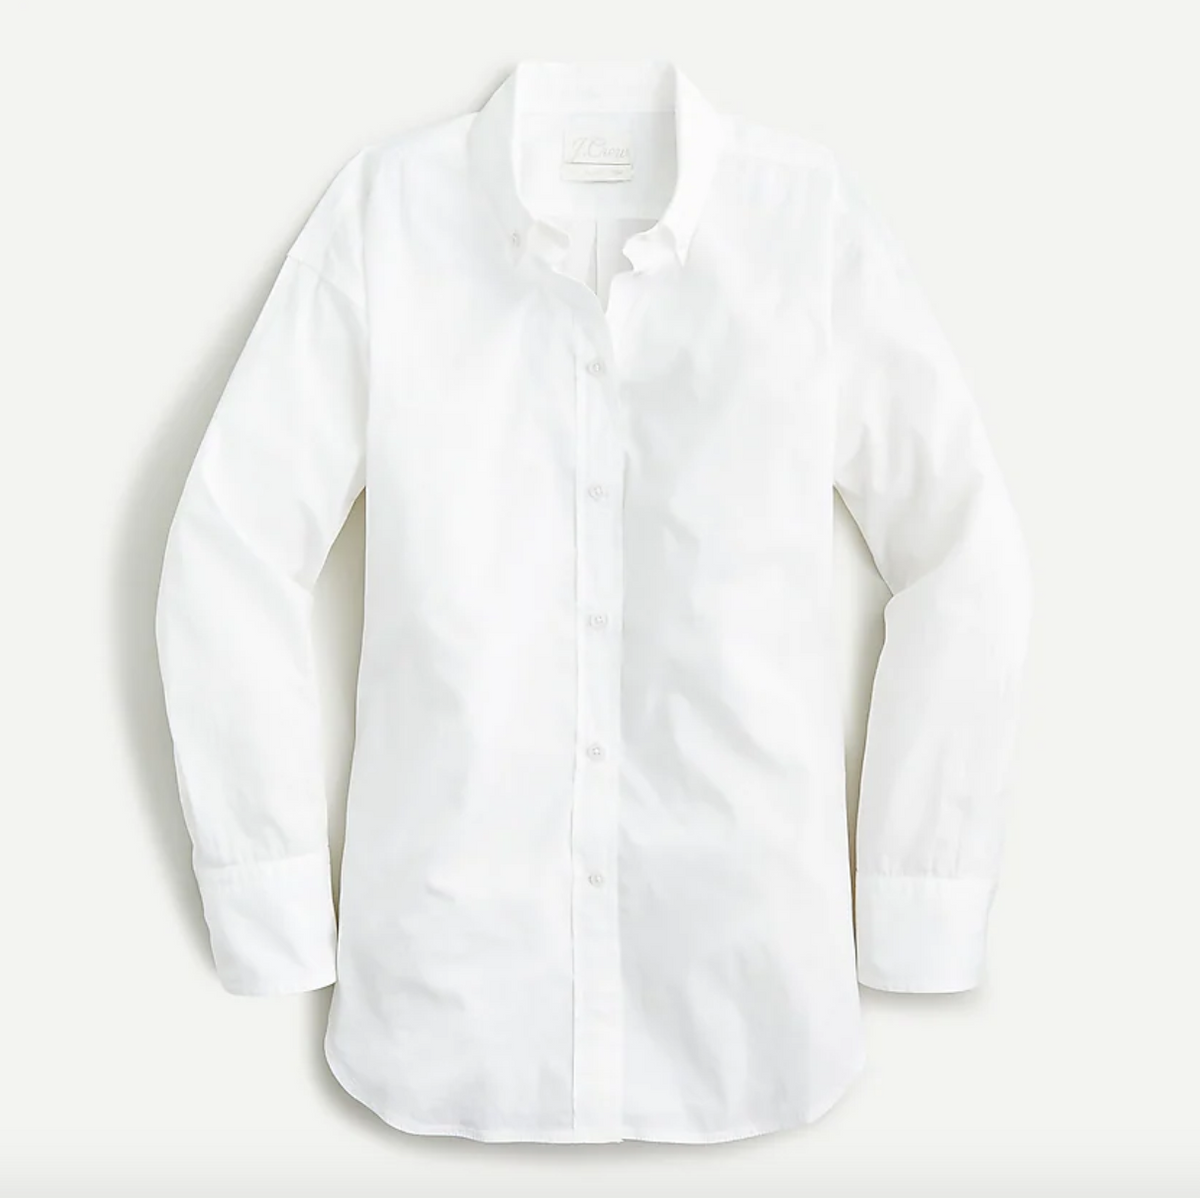 Garment-dyed Lightweight Cotton Poplin Shirt